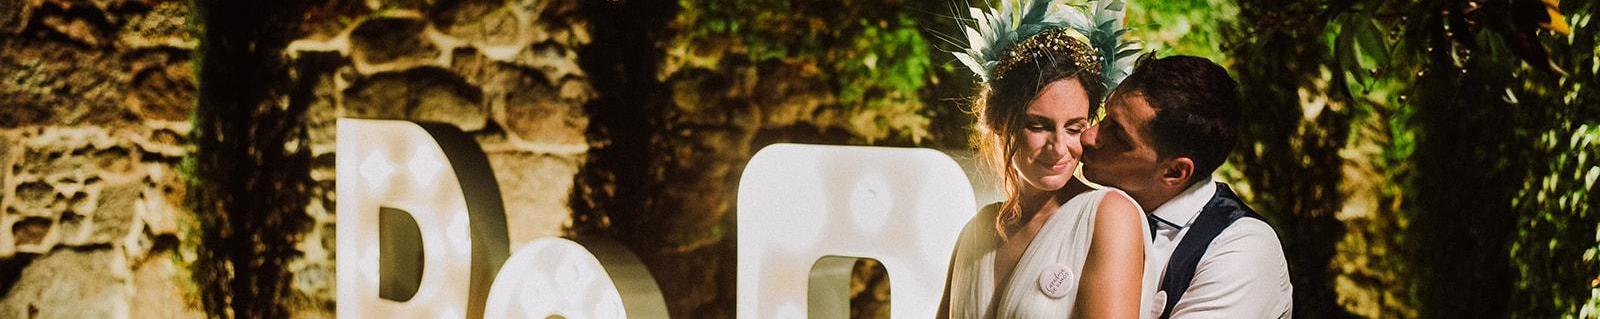 Cristina, la novia de la diadema de plumas verdes